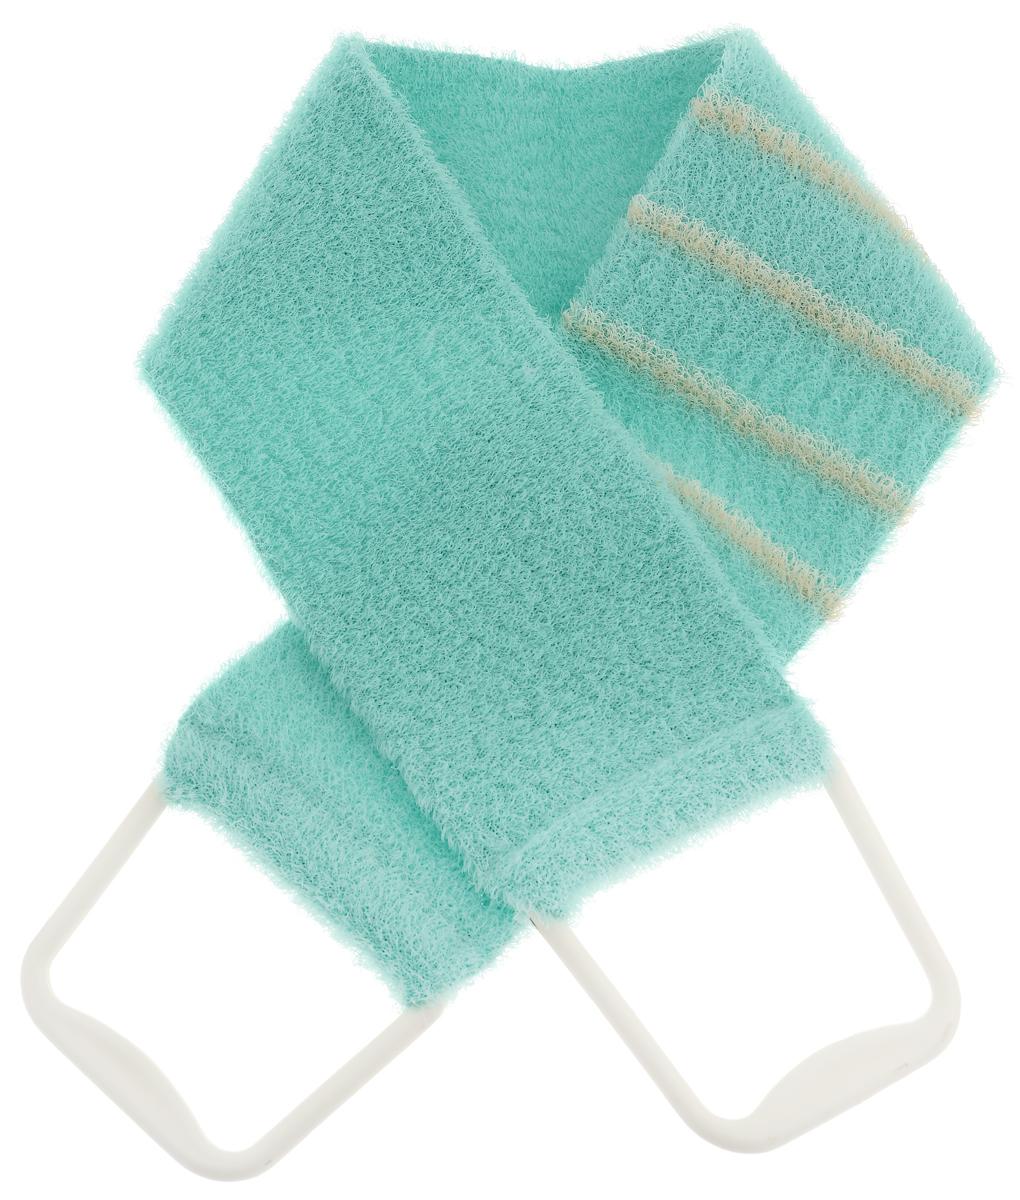 Riffi Мочалка-пояс, массажная, жесткая, цвет: салатовый. 824824_салатовыйМочалка-пояс Riffi используется для мытья тела, обладает активным пилинговым действием, тонизируя, массируя и эффективно очищая вашу кожу. Хлопковая основа придает мочалке высокие моющие свойства, а примесь жестких синтетических волокон усиливает ее массажное воздействие на кожу. Для удобства применения пояс снабжен двумя пластиковыми ручками. Благодаря отшелушивающему эффекту мочалки-пояса, кожа освобождается от отмерших клеток, становится гладкой, упругой и свежей. Массаж тела с применением Riffi стимулирует кровообращение, активирует кровоснабжение, способствует обмену веществ, что в свою очередь позволяет себя чувствовать бодрым и отдохнувшим после принятия душа или ванны. Riffi регенерирует кожу, делает ее приятно нежной, мягкой и лучше готовой к принятию косметических средств. Приносит приятное расслабление всему организму. Борется со спазмами и болями в мышцах, предупреждает образование целлюлита и обеспечивает омолаживающий эффект. Моет легко и энергично. Быстро сохнет. Гипоаллергенная.Товар сертифицирован.